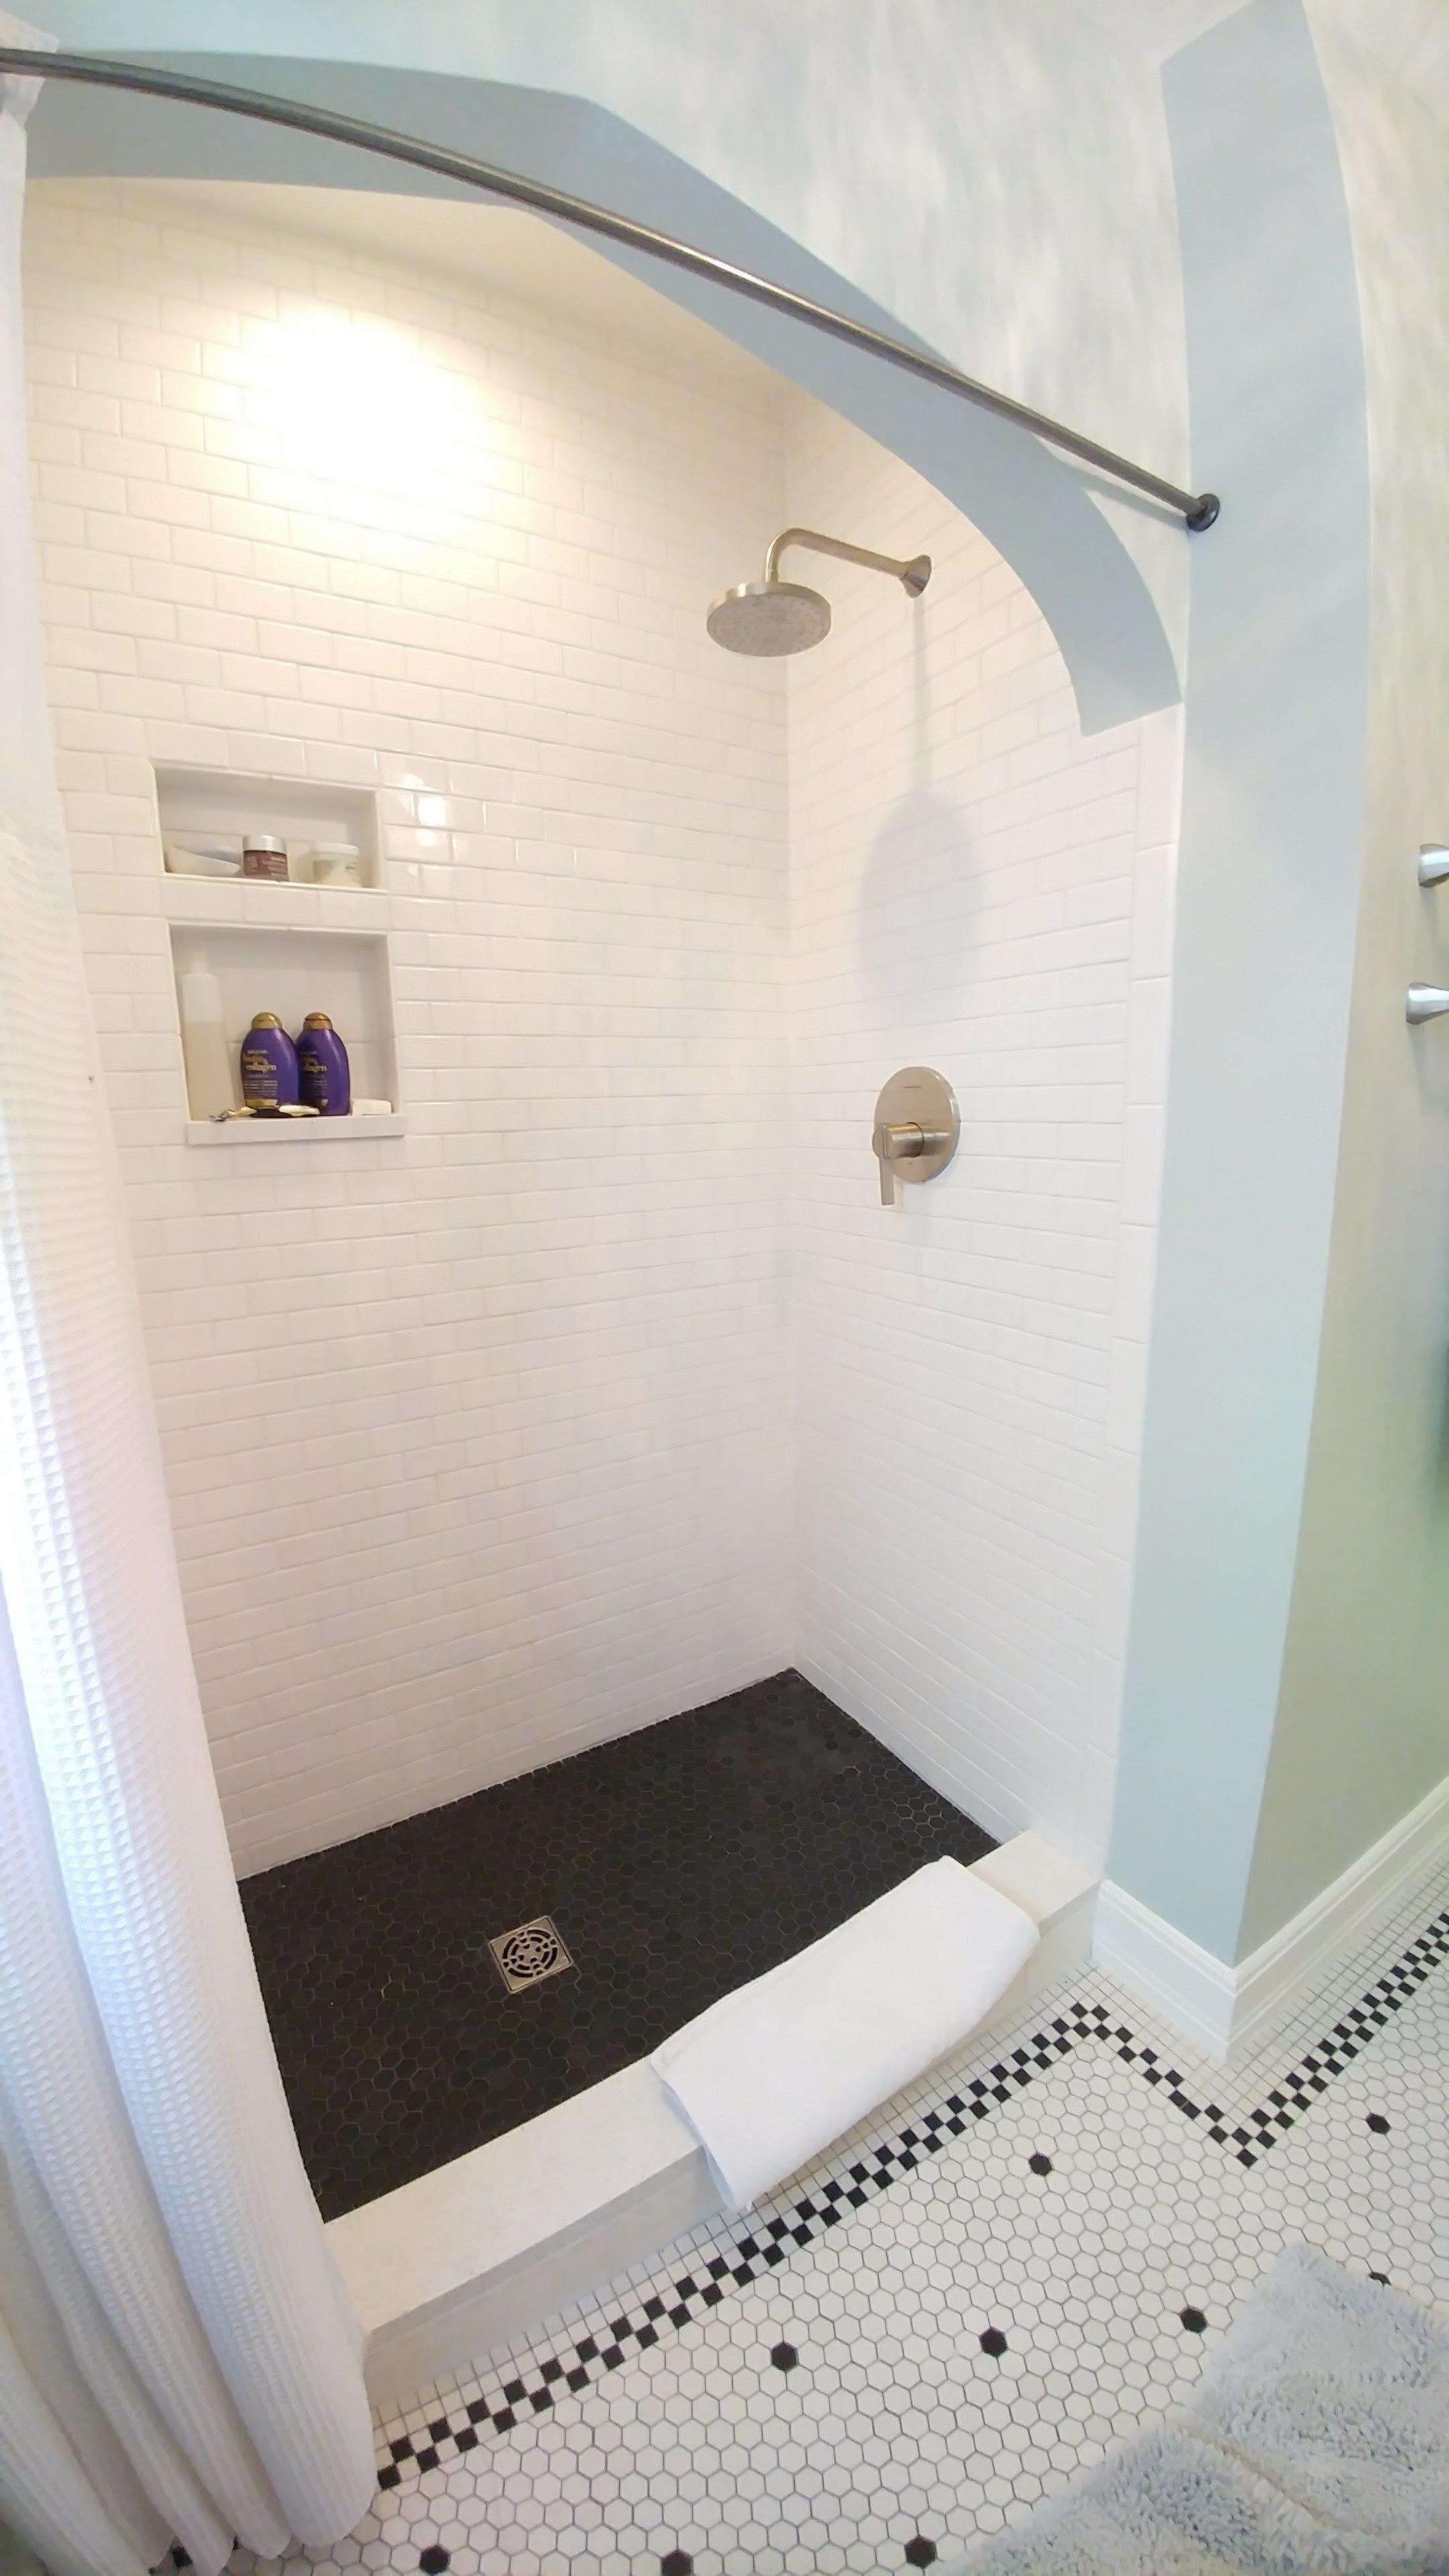 Full bathroom remodel in Parkhill Denver